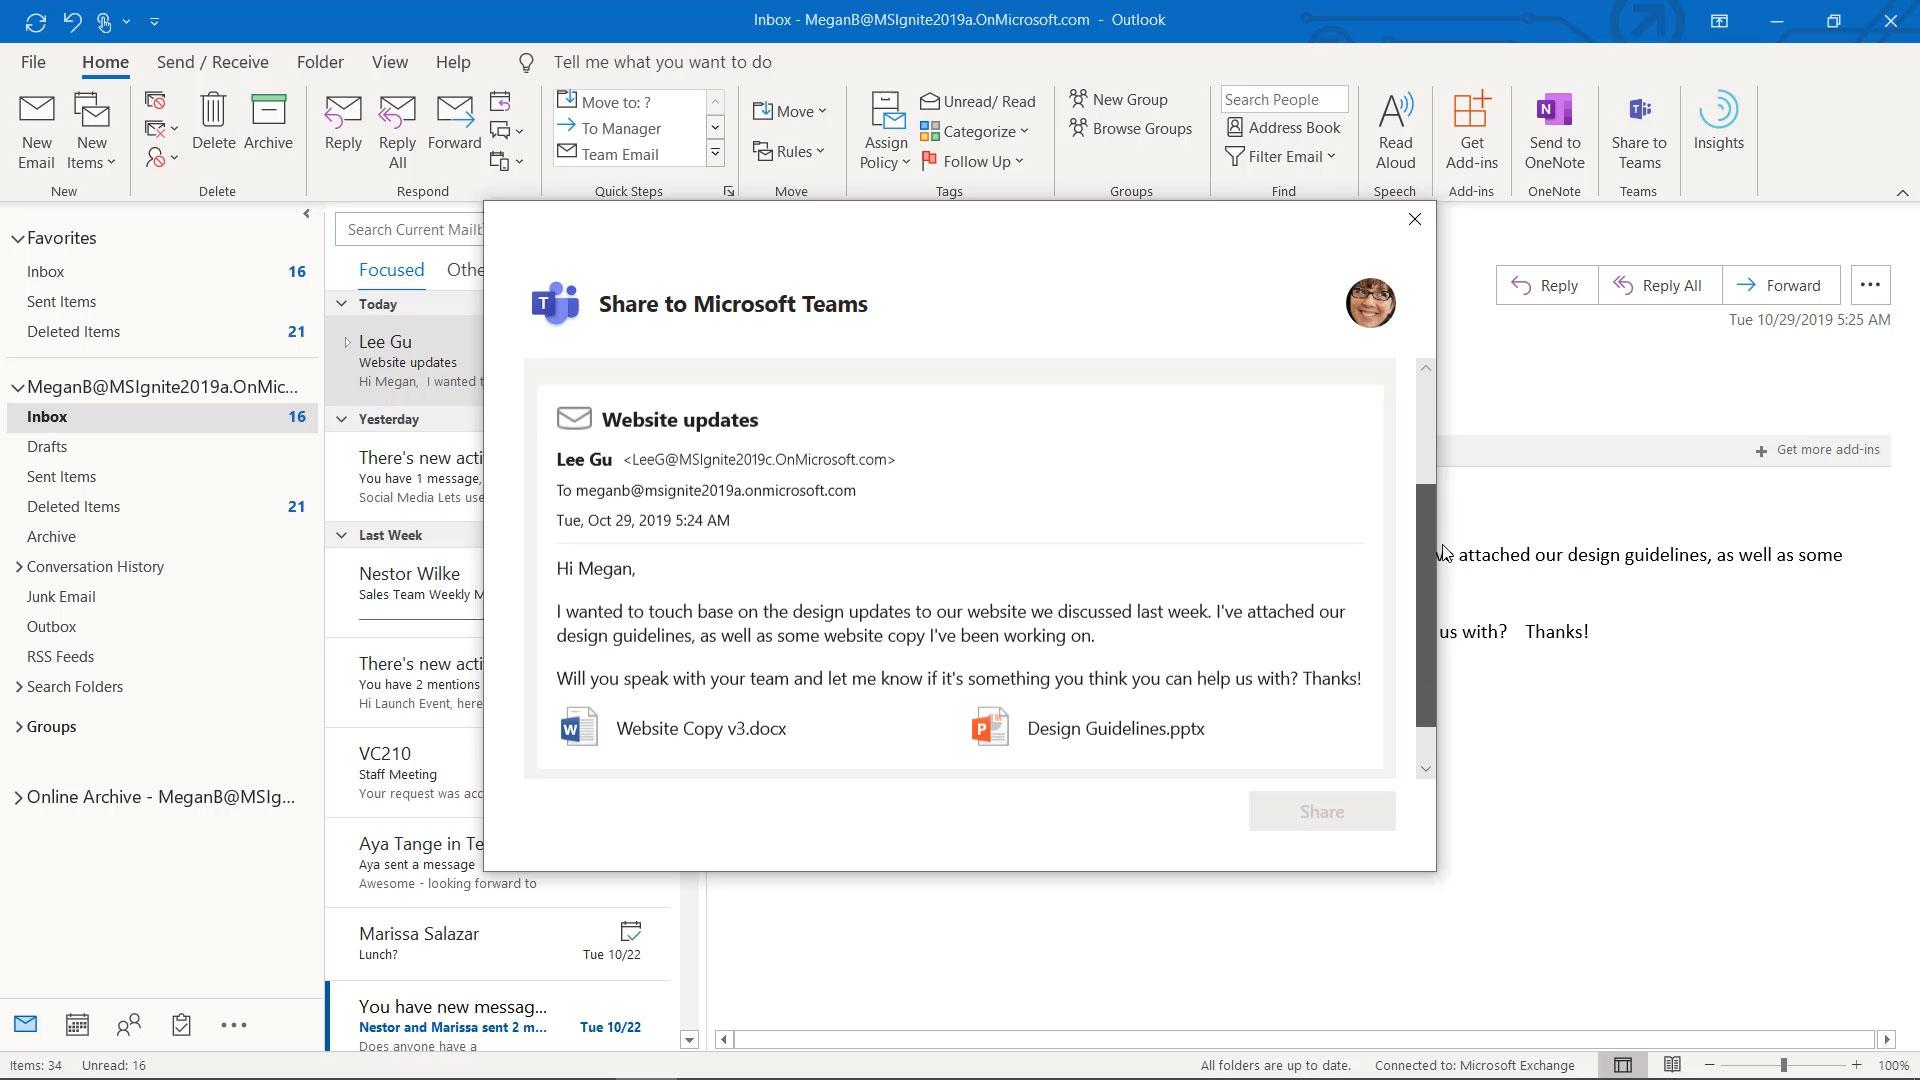 Integration zwischen Outlook und Teams